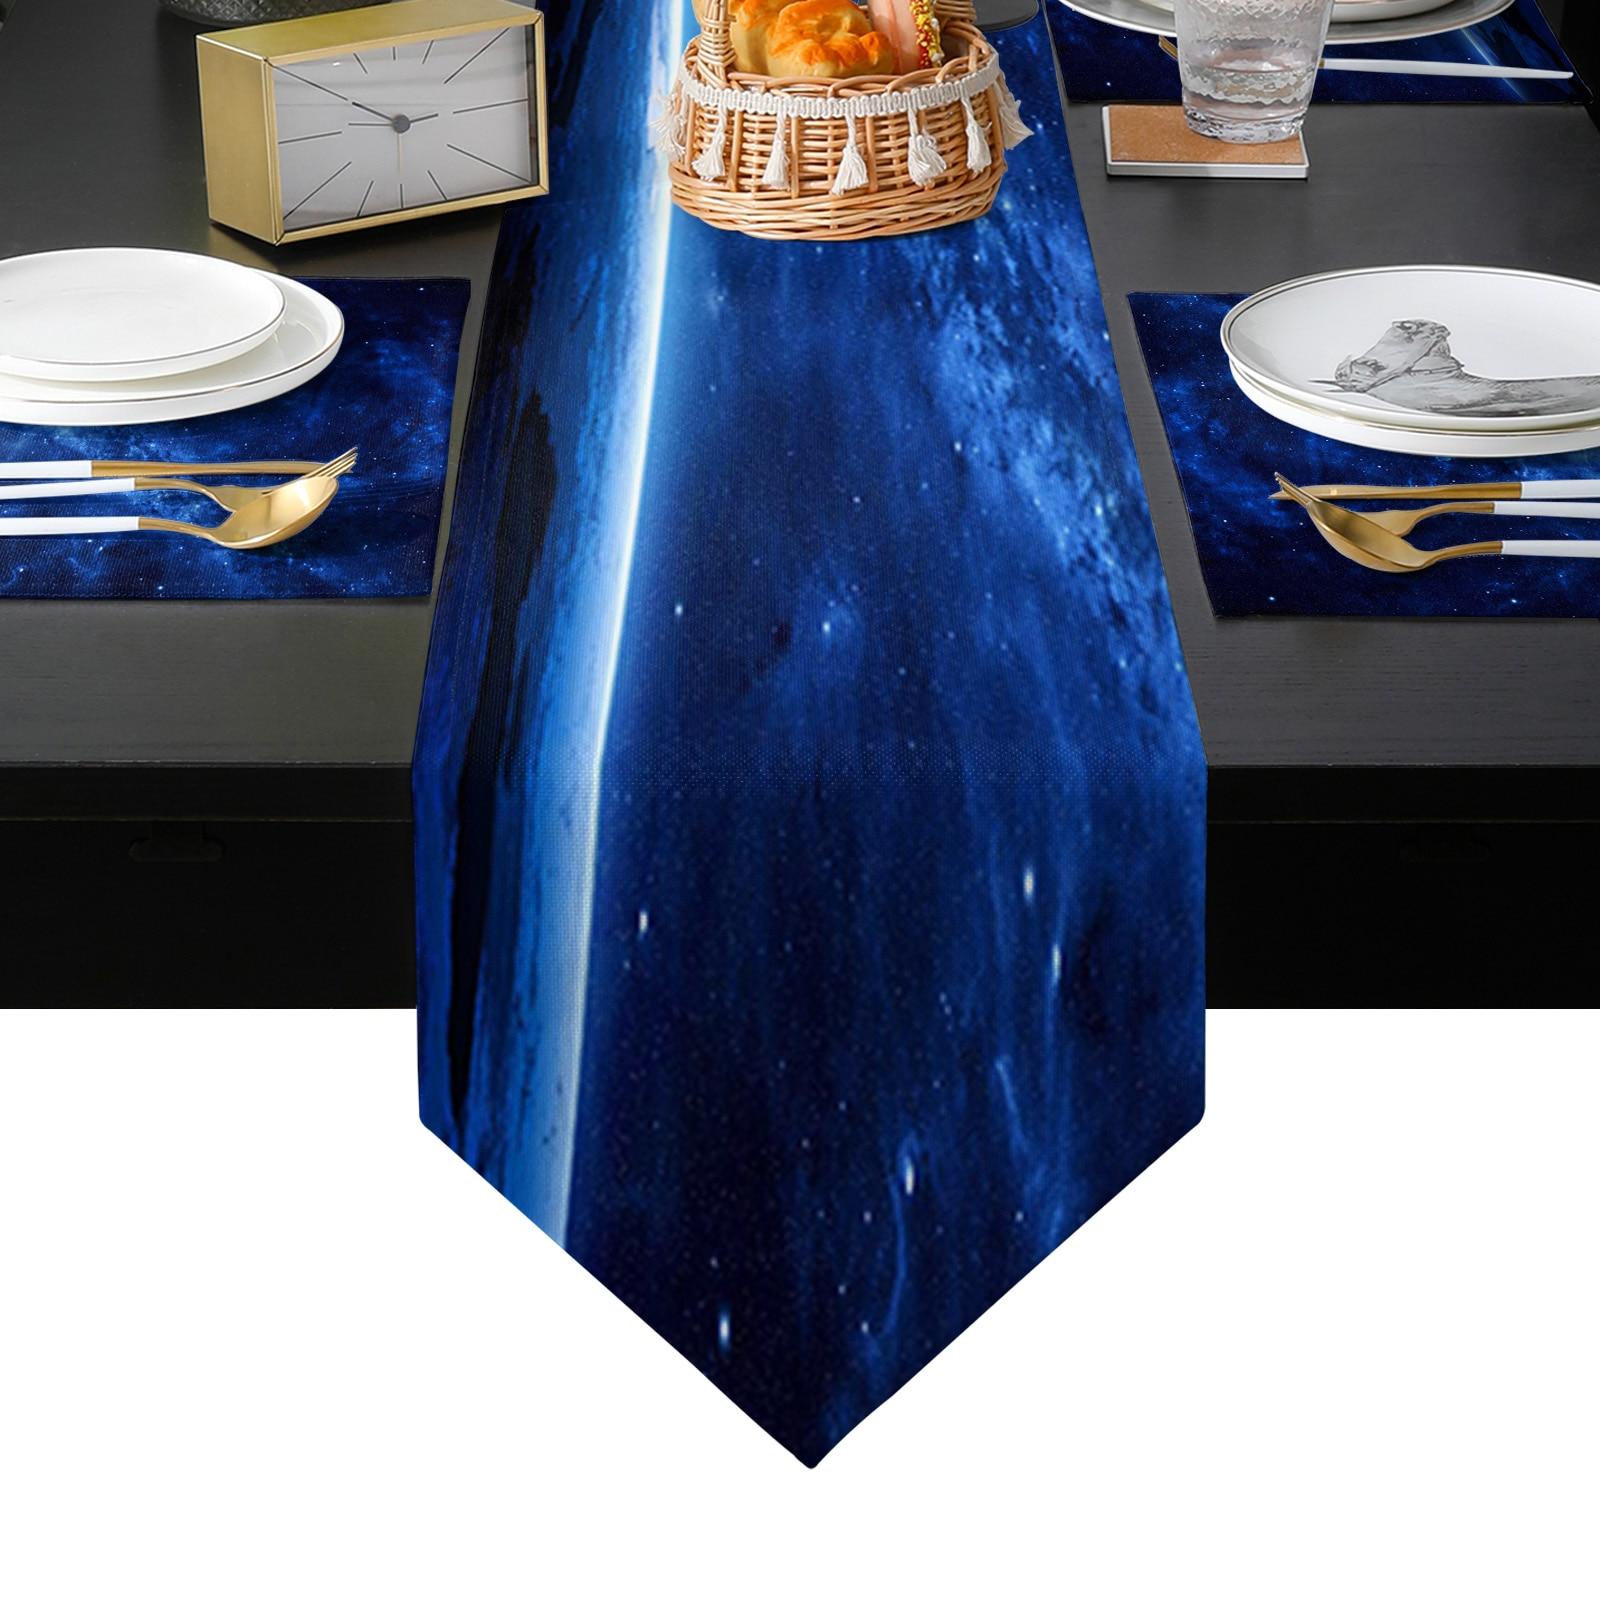 الفضاء الخارجي الكون الجدول عداء الجدول الحصير غطاء للمنزل الزفاف مأدبة مهرجان حفلة التموين فندق الجدول الديكور